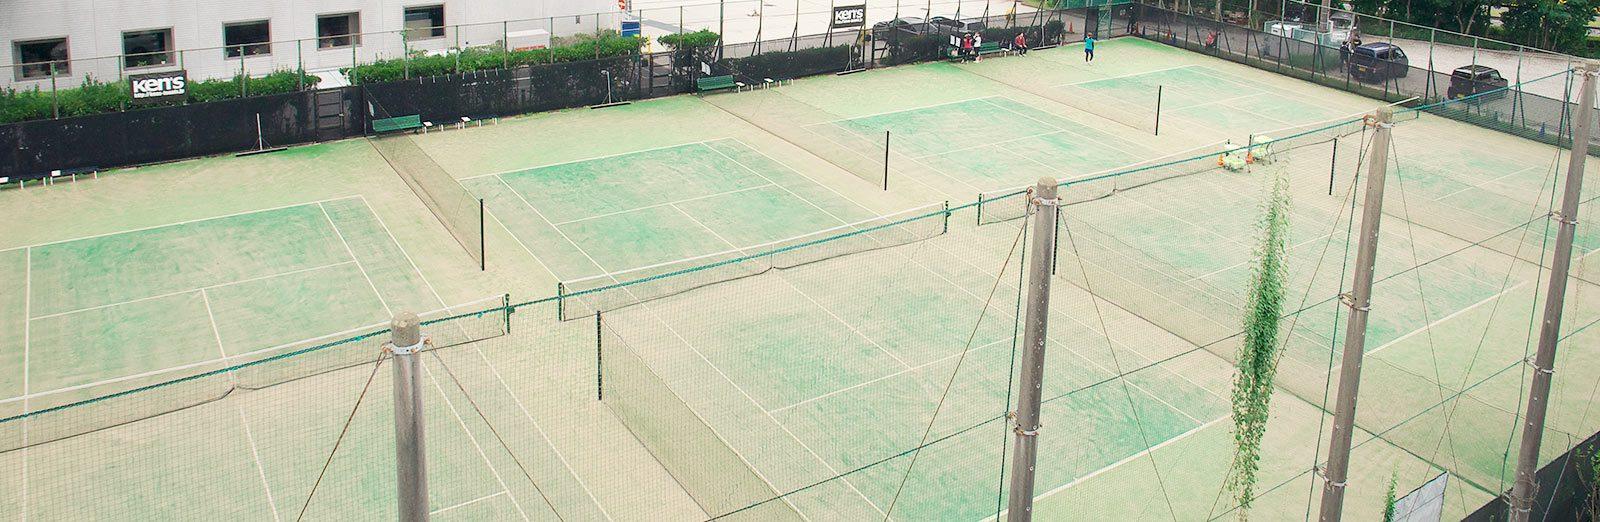 Ken'sテニスパーク海浜幕張